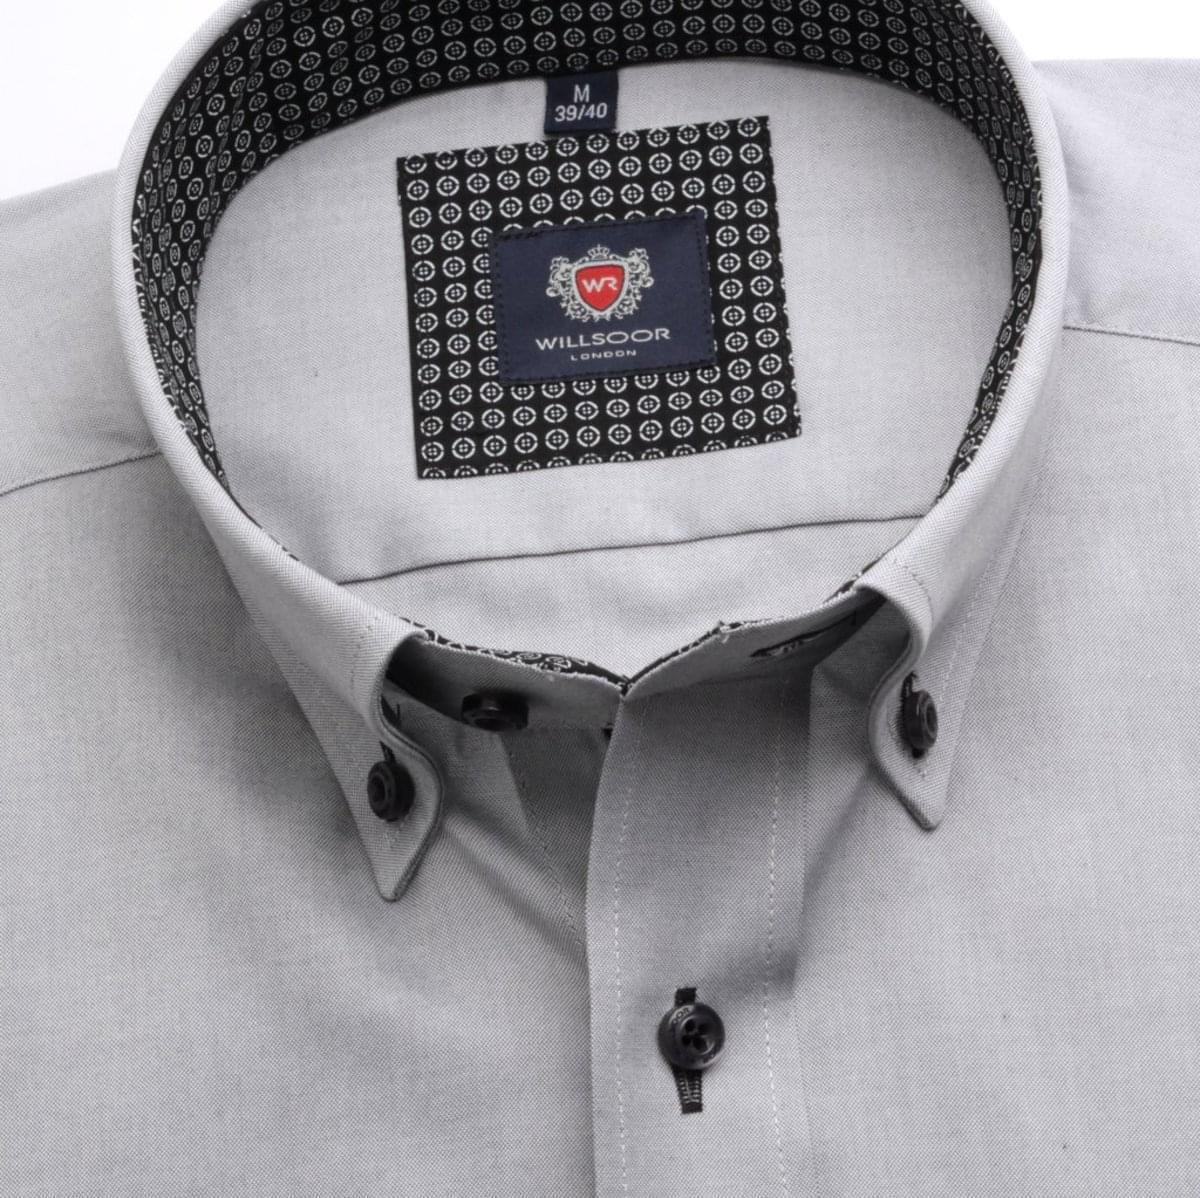 Pánská klasická košile London (výška 176-182) 6996 v šedé barvě s formulí Easy Care 176-182 / L (41/42)